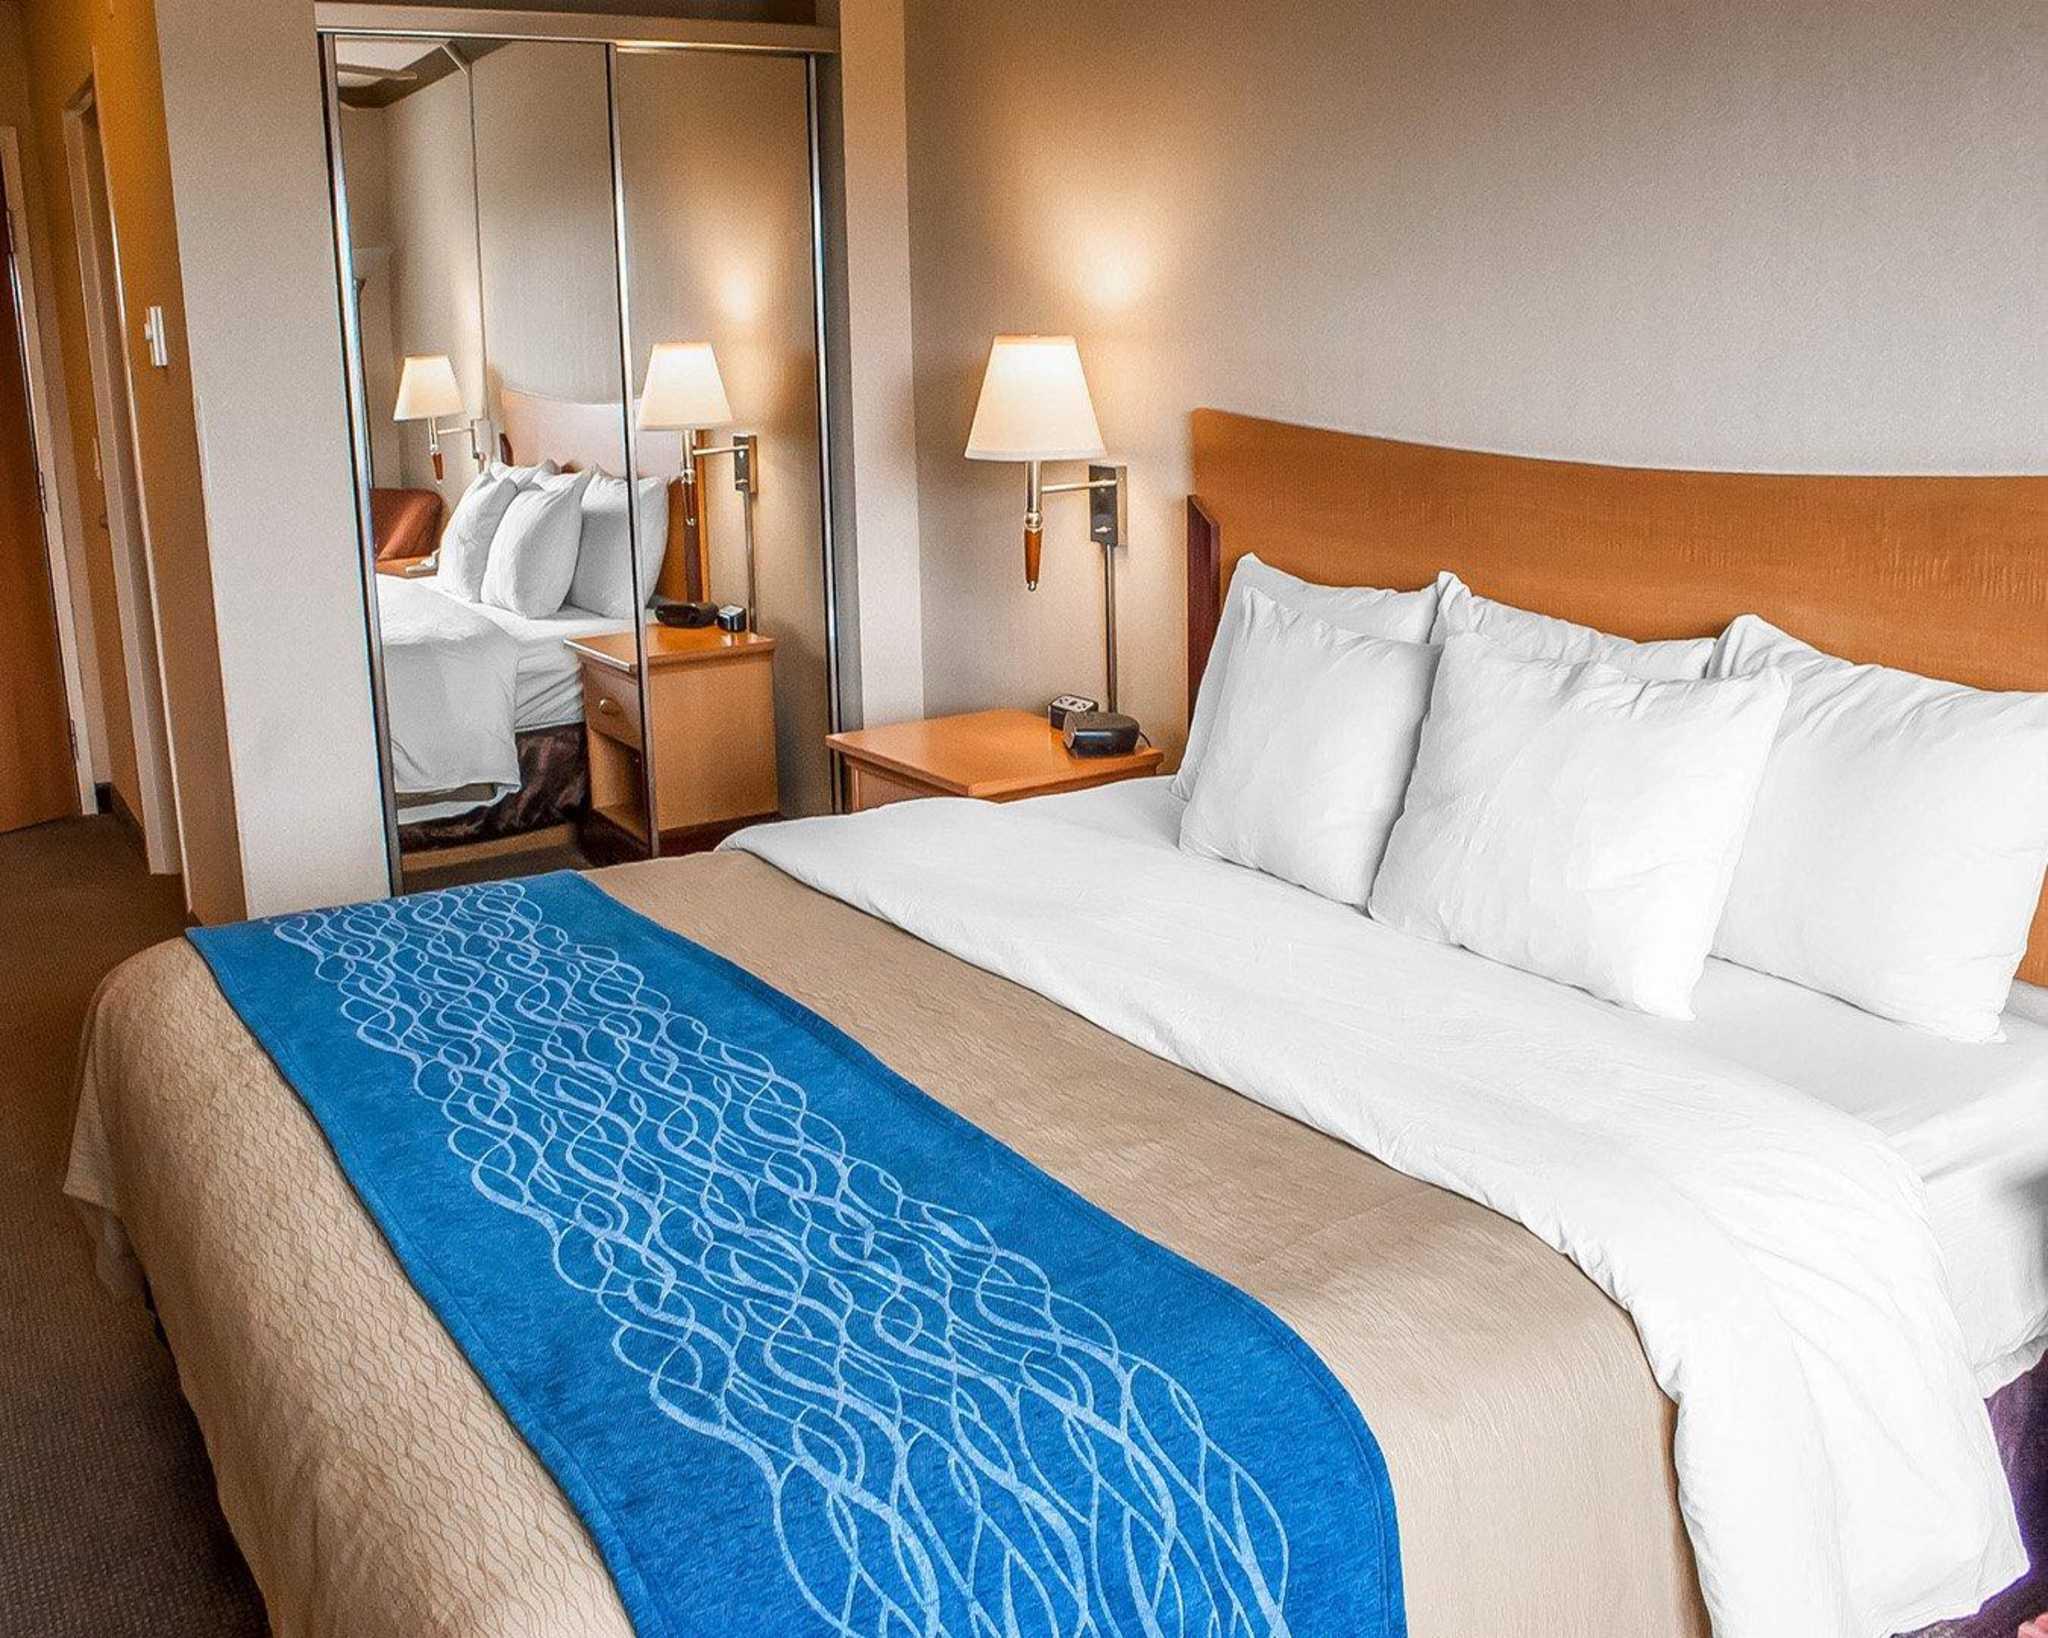 Comfort Inn Amp Suites In Ocean Shores Wa 98569